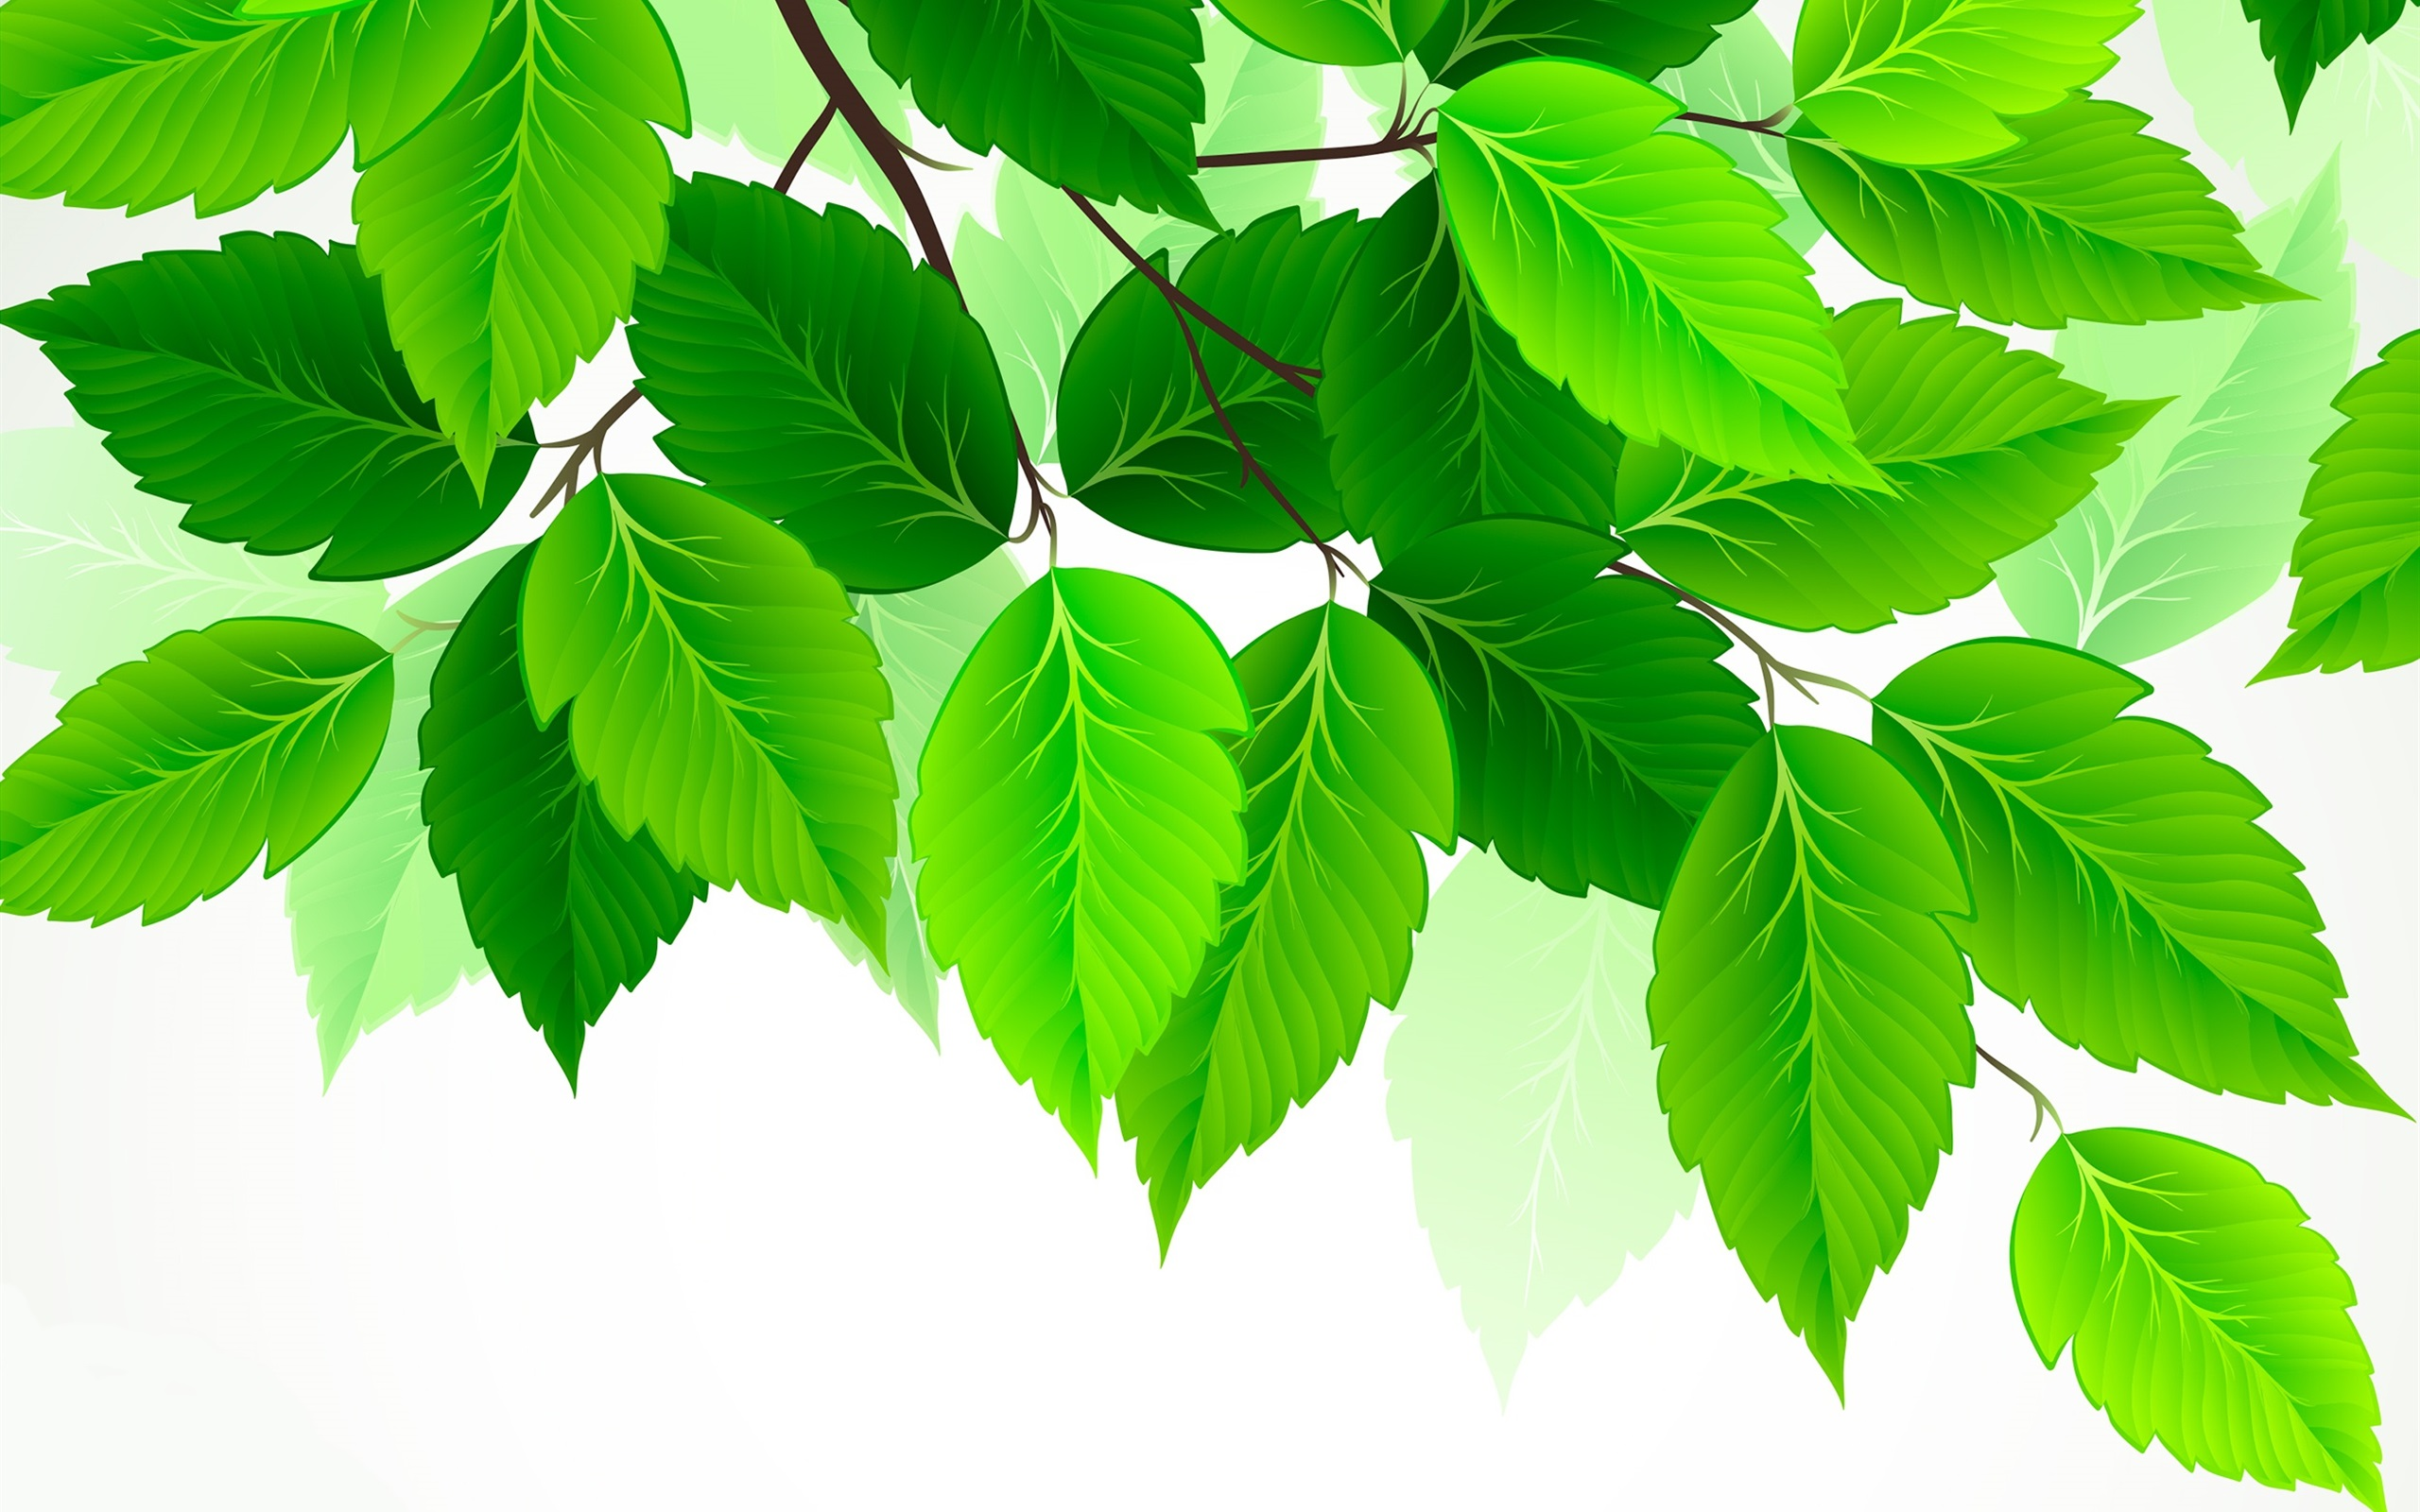 красного рисунок зеленые листья на белом фоне она может быть